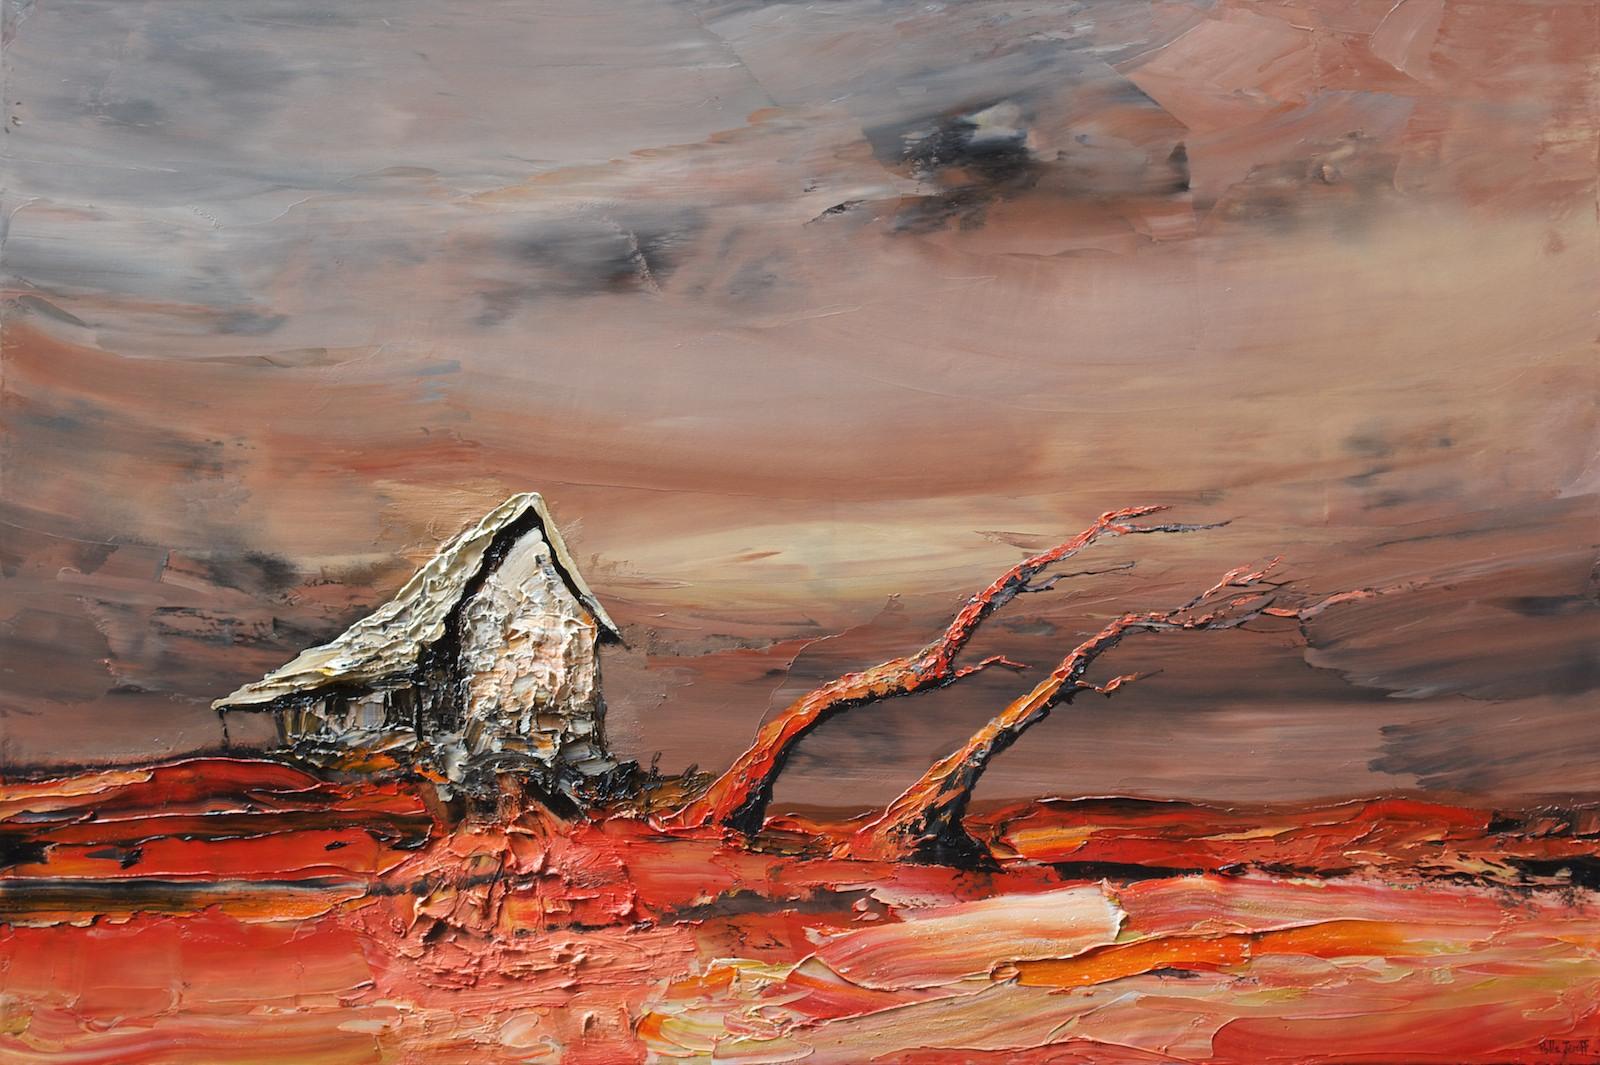 Palla Jeroff 'Windswept Studio' 100cm x 150cm #14420